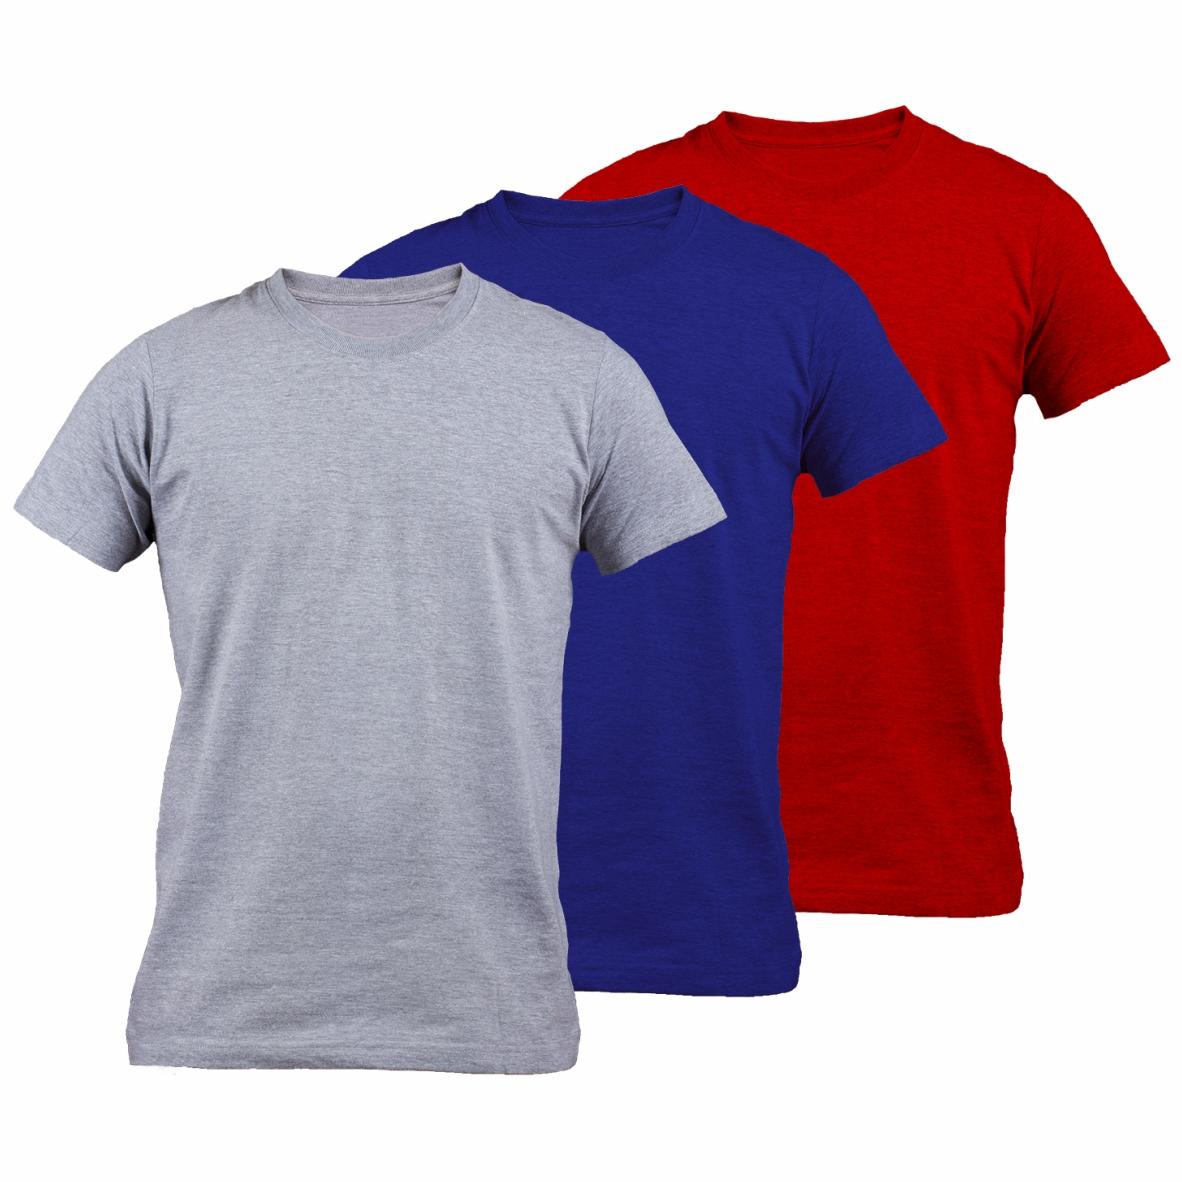 tricouri rgb